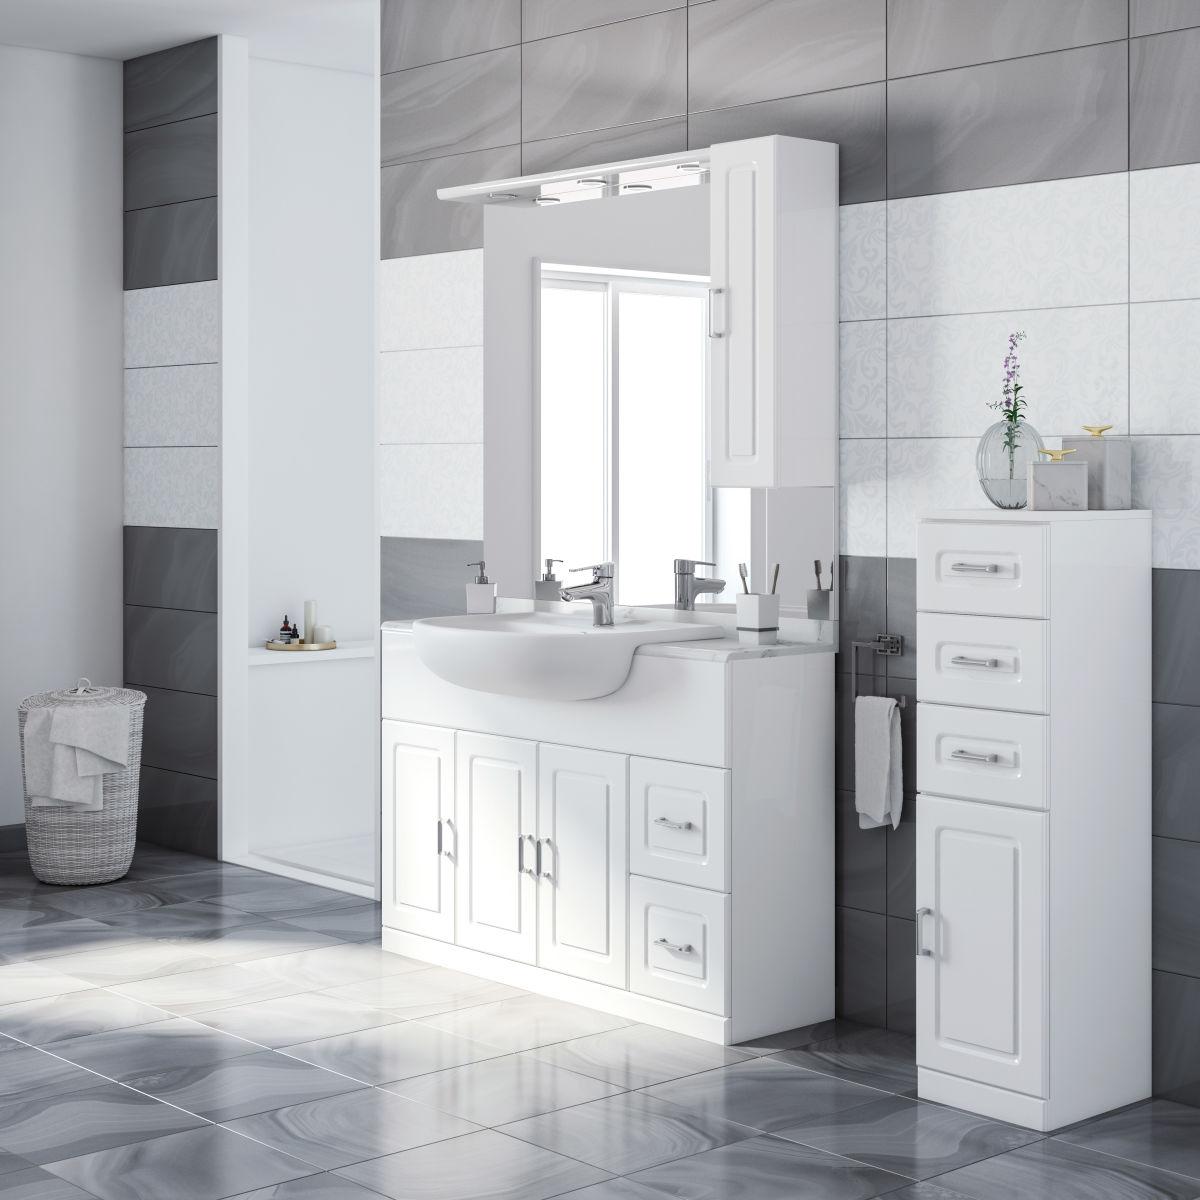 Mobile bagno paola bianco l 120 cm prezzi e offerte online - Mobili bagno sospesi leroy merlin ...